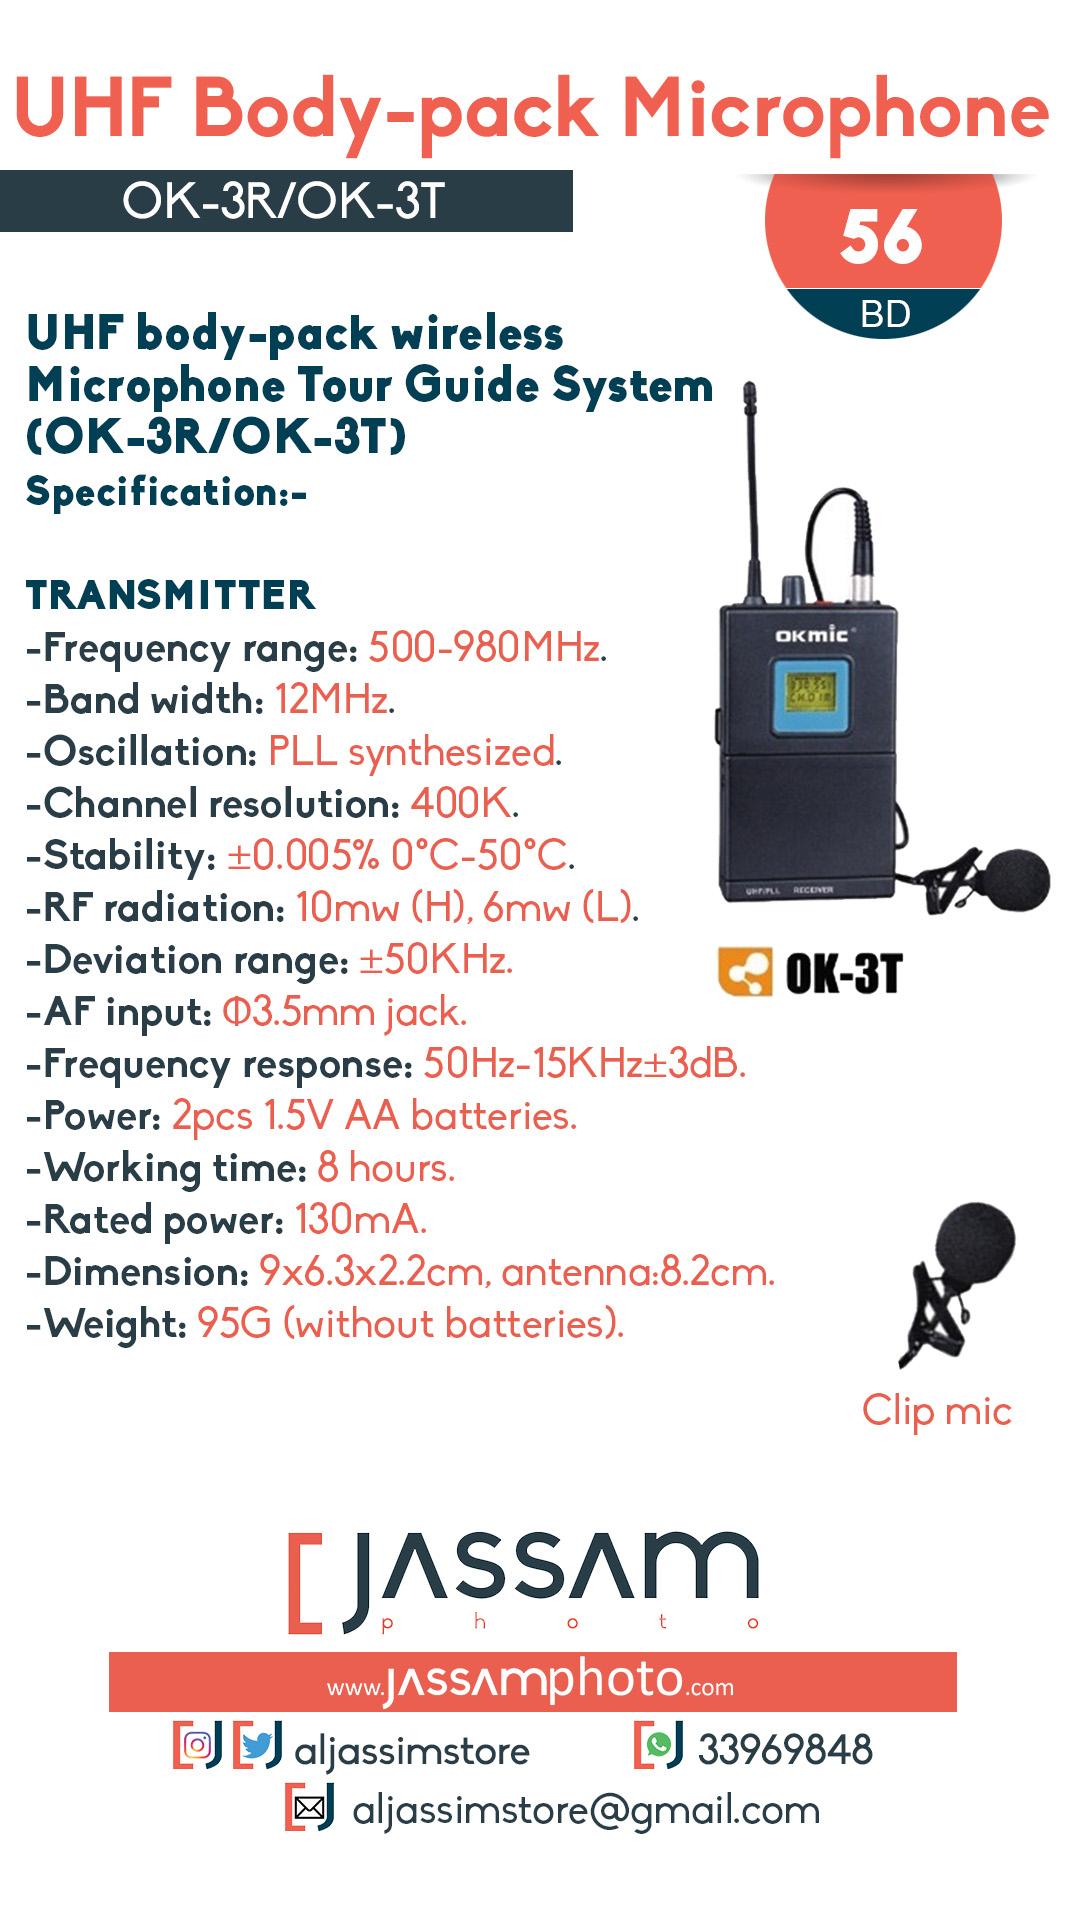 OK-3R OK-3T